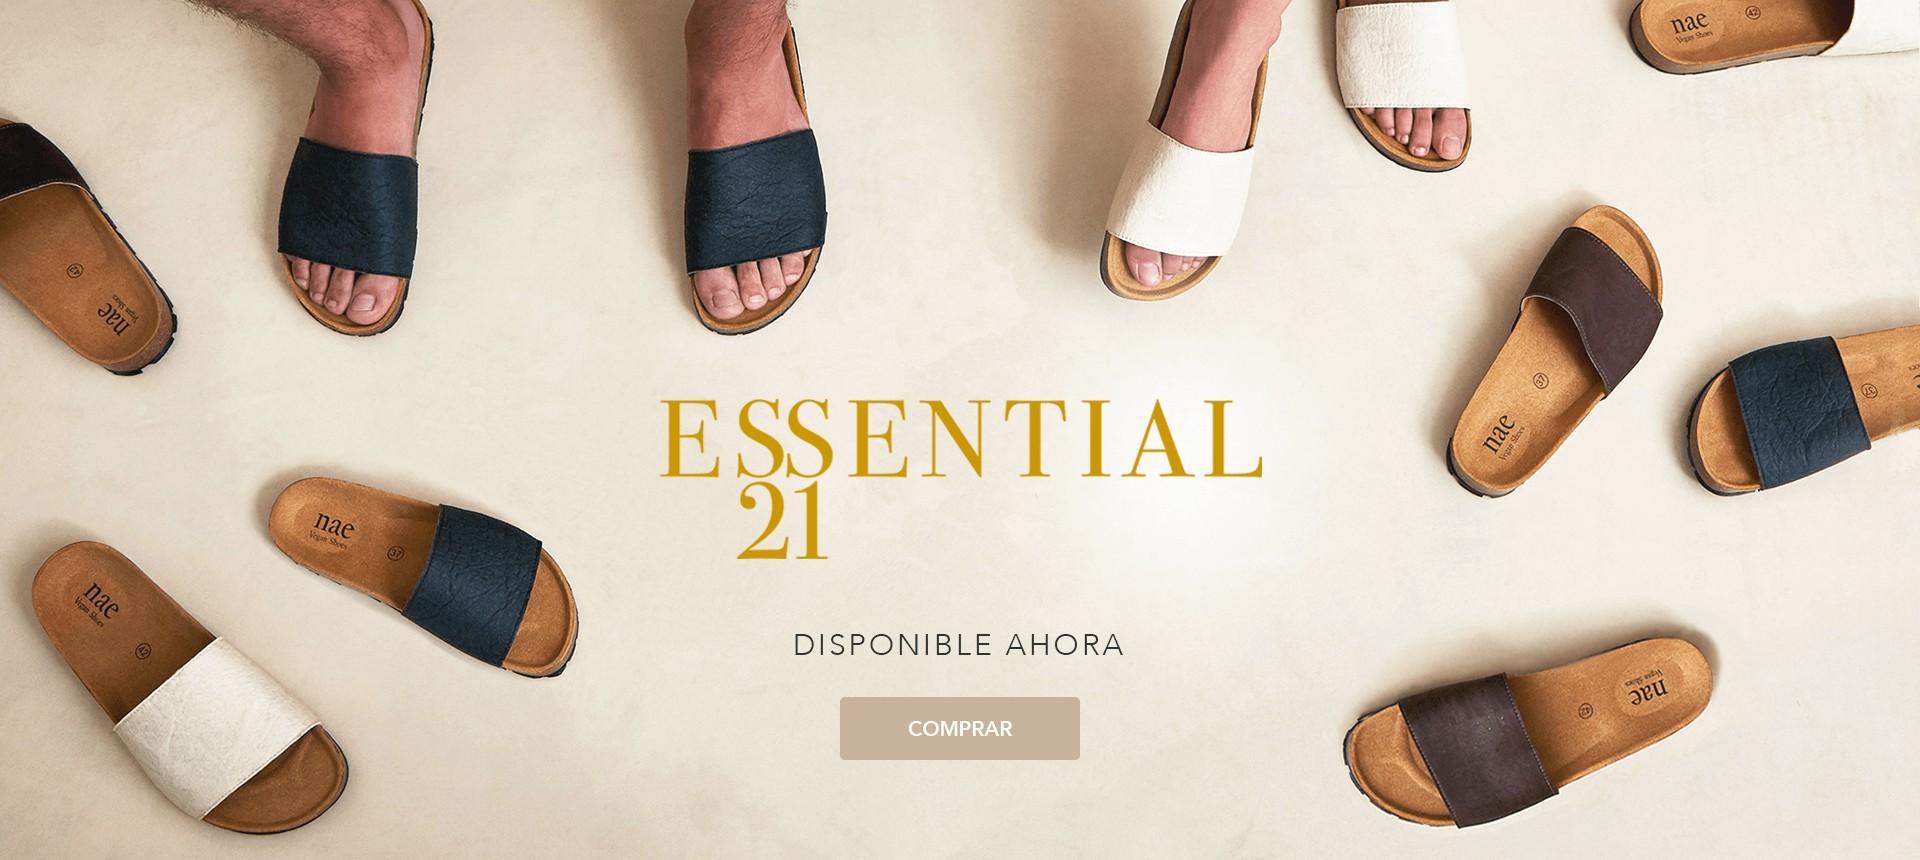 Zapatos veganos - Nueva colección primavera verano_1